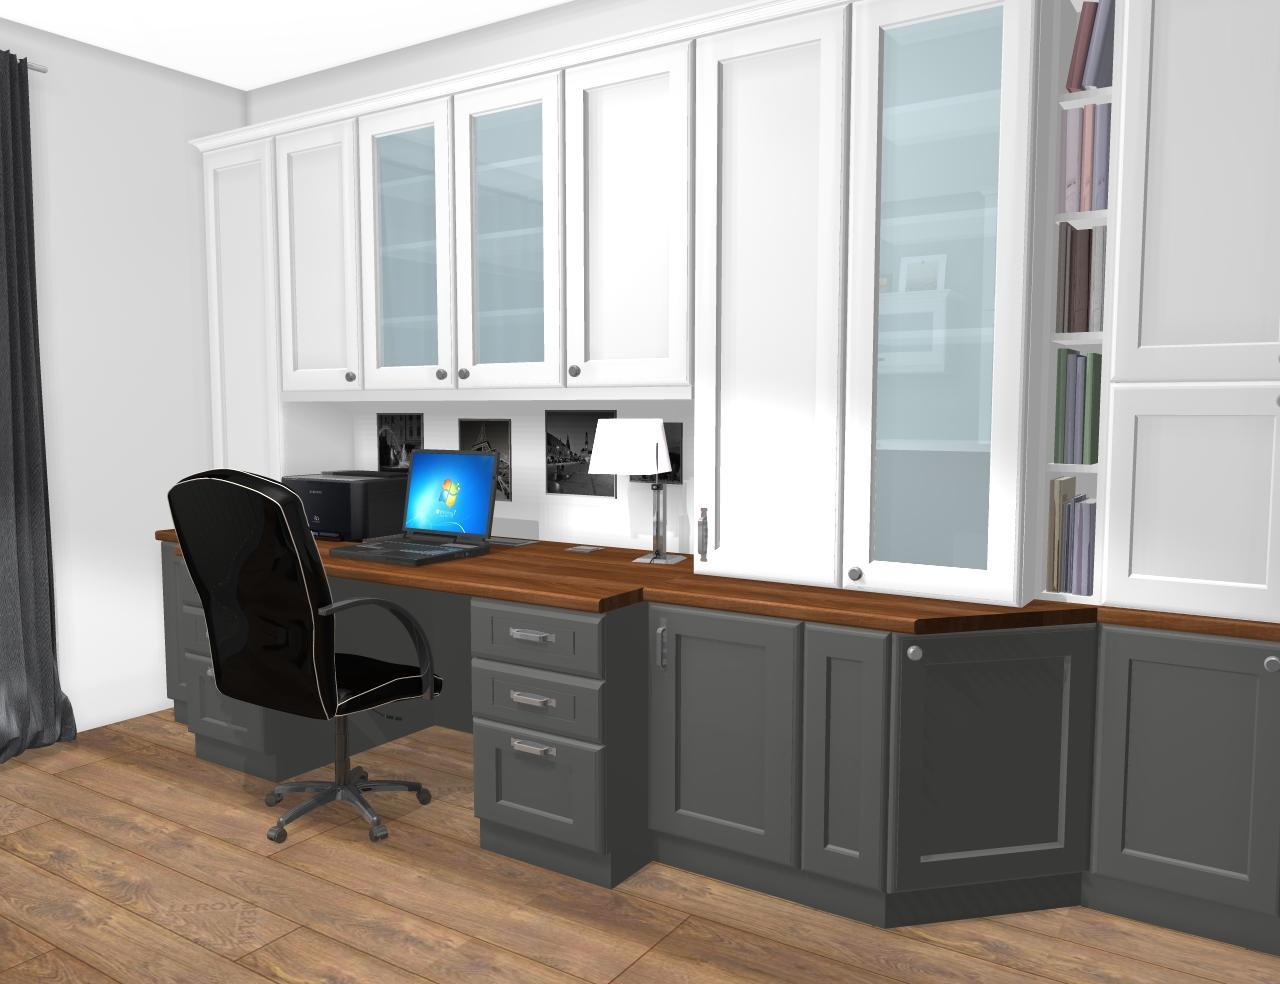 Grafické návrhy interiér 2019 - Grafický návrh pracovne do rodinného domu vo vidieckom štýle - obr.3